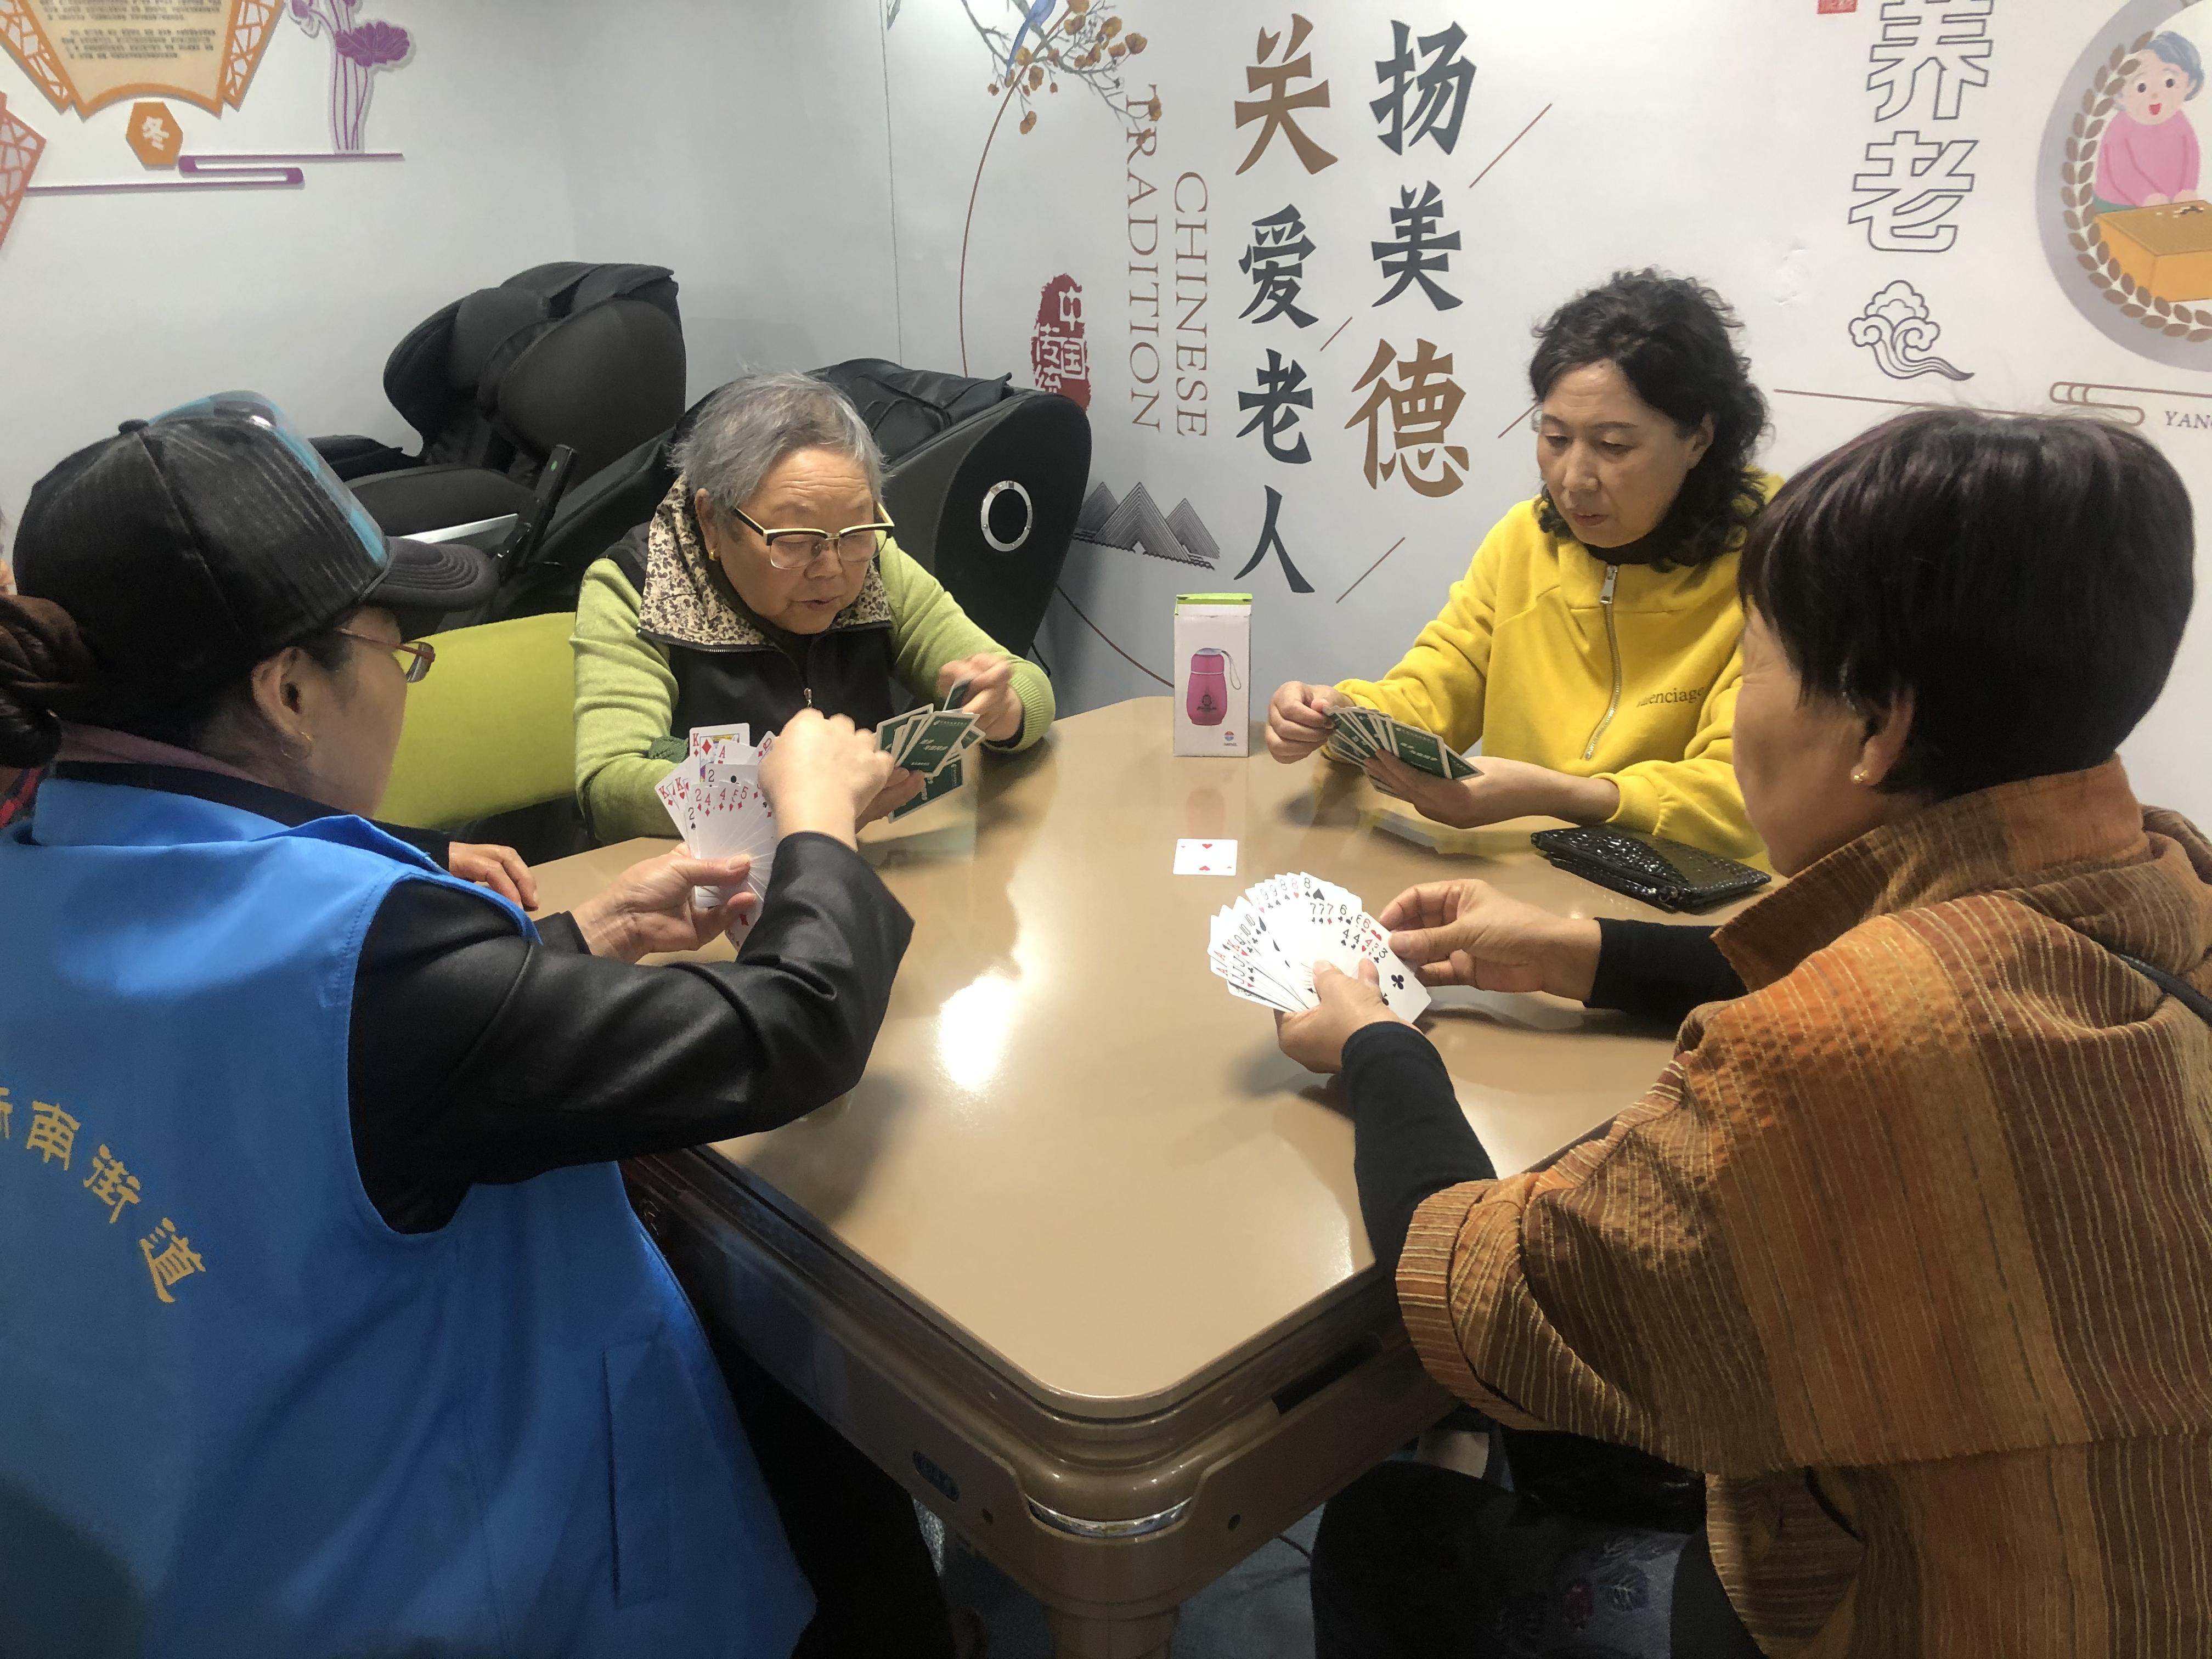 新南街道居家养老服务中心运行 为街道老年群体提供专业服务